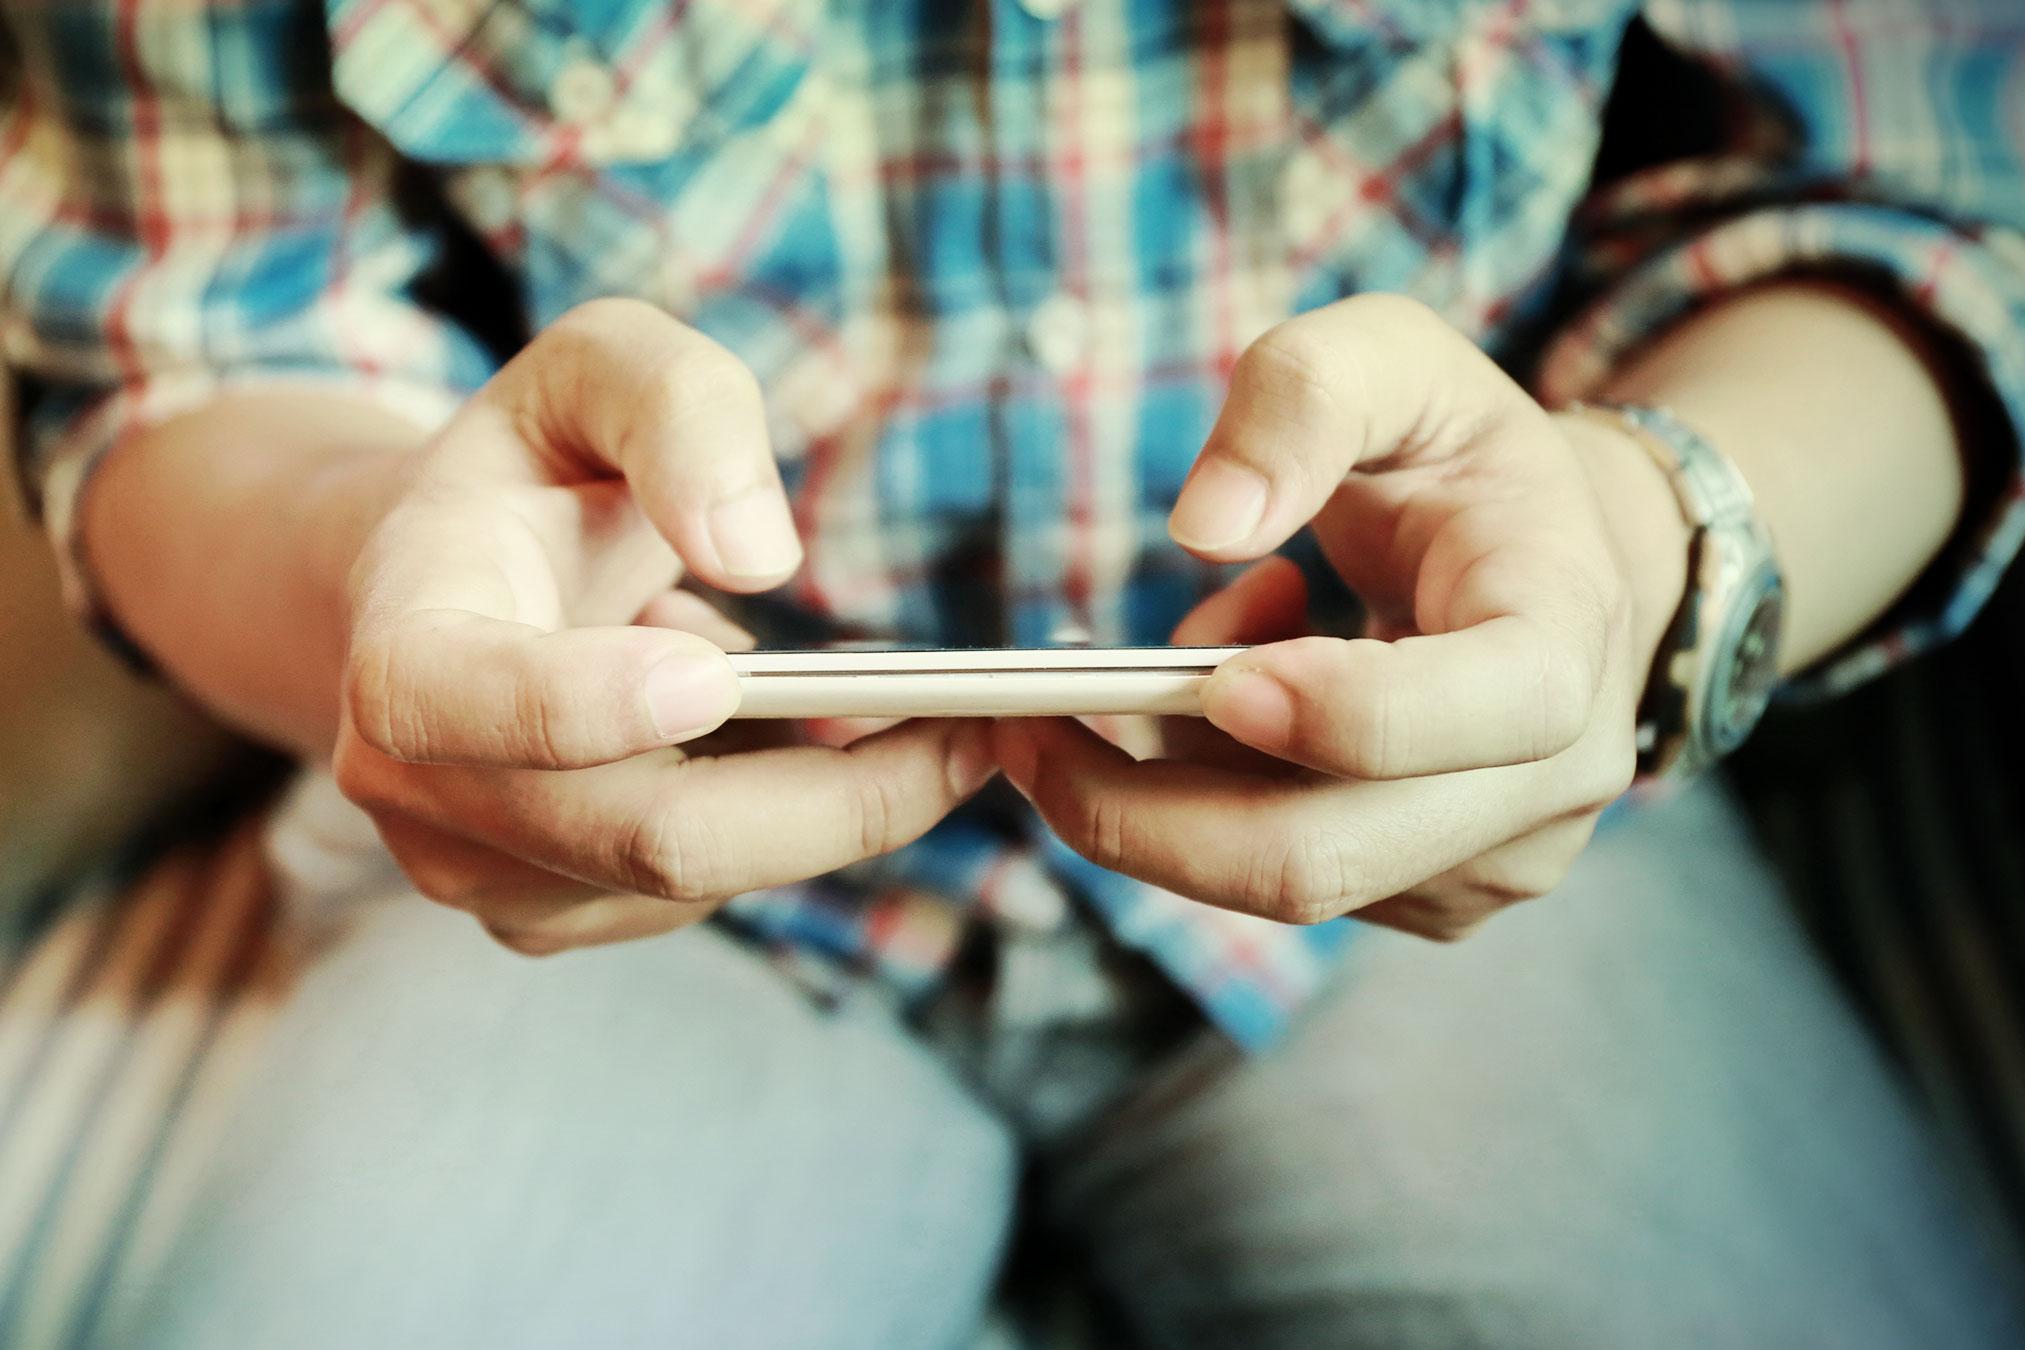 človek drží v ruke telefón